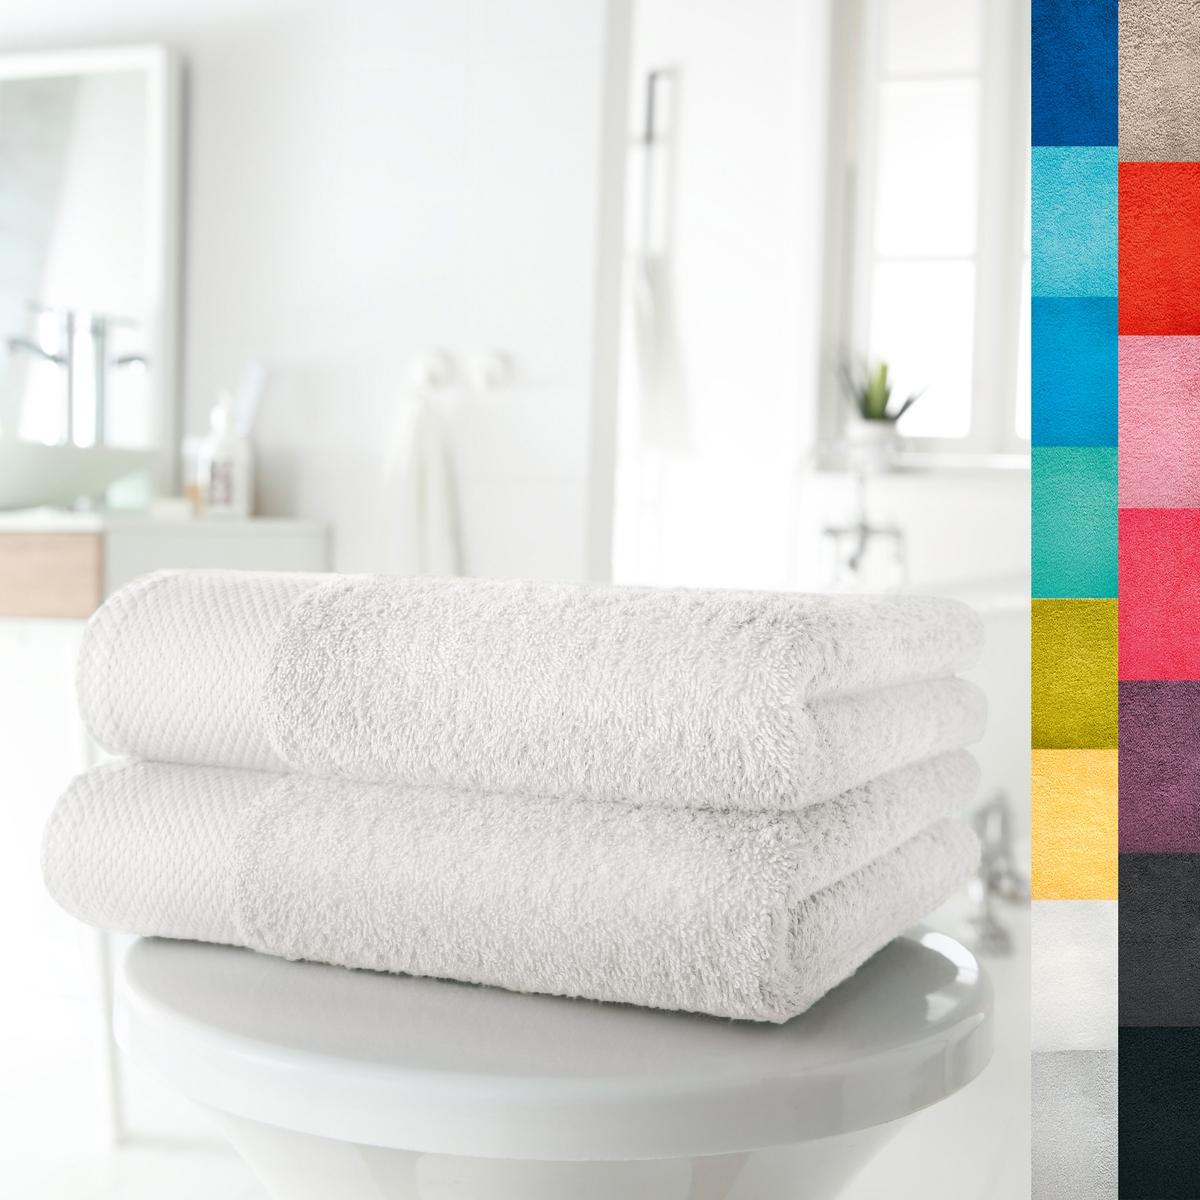 2 полотенца, 420 г/м?Мягкая и прочная ткань, 100% хлопка, 420 г/м?. Отличные впитывающие свойства. Кайма крупинки. Стирка при 60°. Превосходная стойкость цвета.  Машинная сушка. Размер 50 х 100 см. В комплекте 2 полотенца.<br><br>Цвет: белый,гренадин,темно-серо-каштановый светлый,темно-серый<br>Размер: 50 x 100  см.50 x 100  см